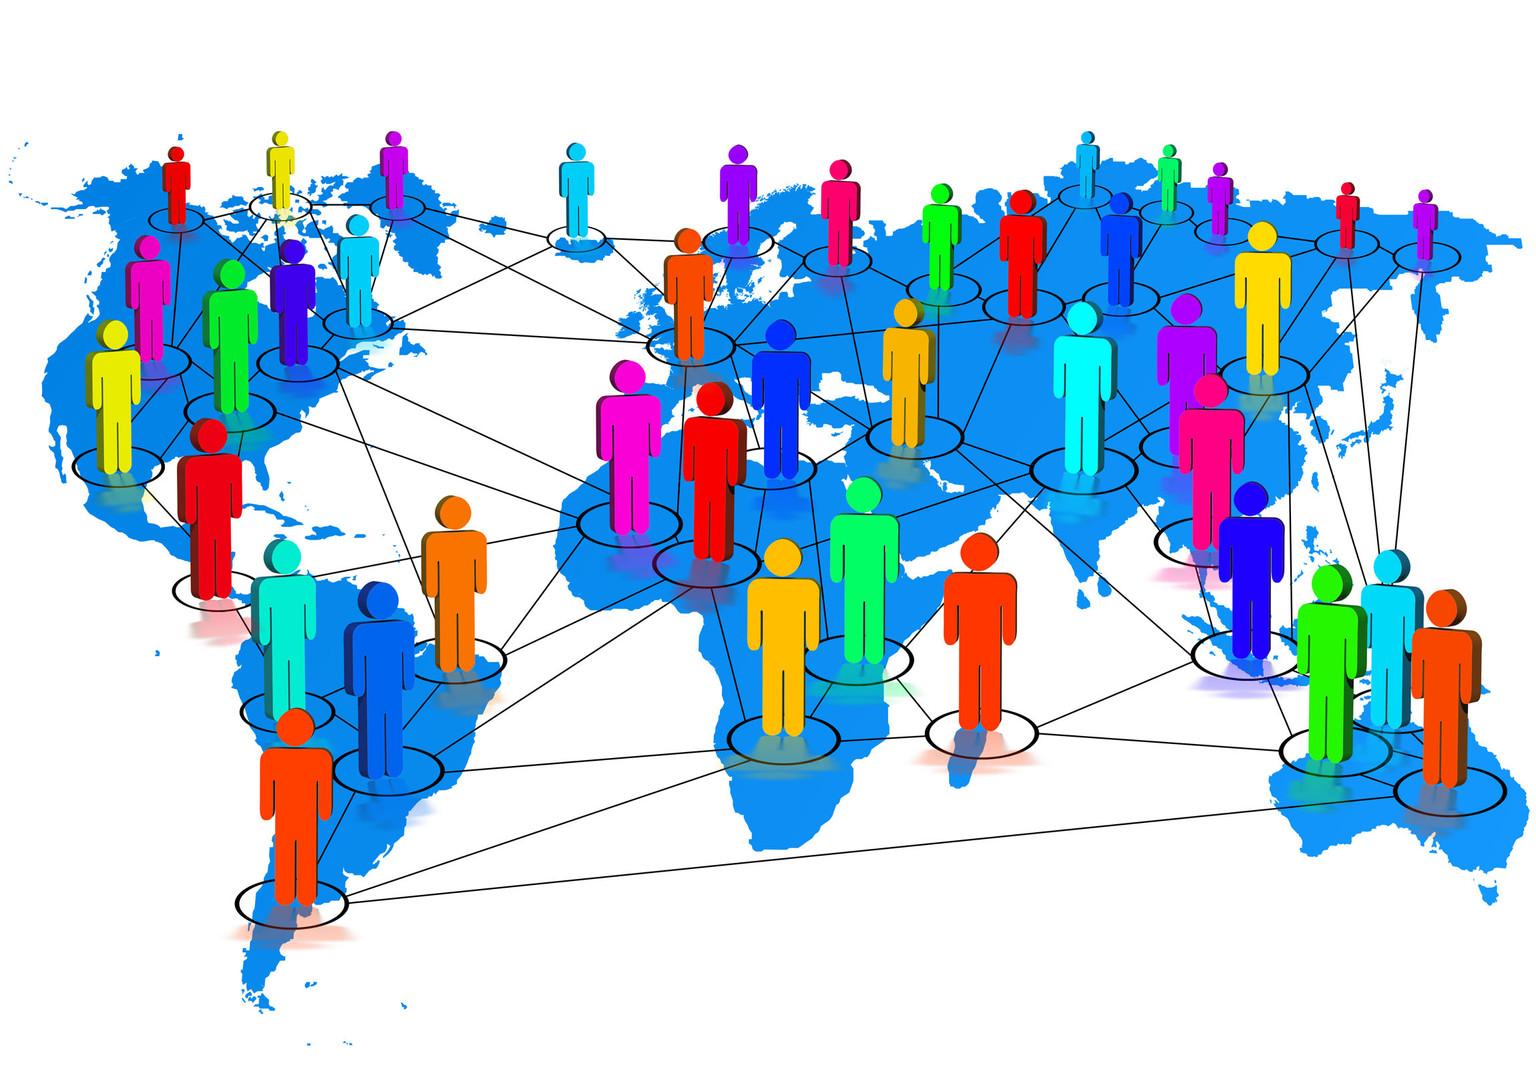 Menschen Netwerk Erde linien.jpg